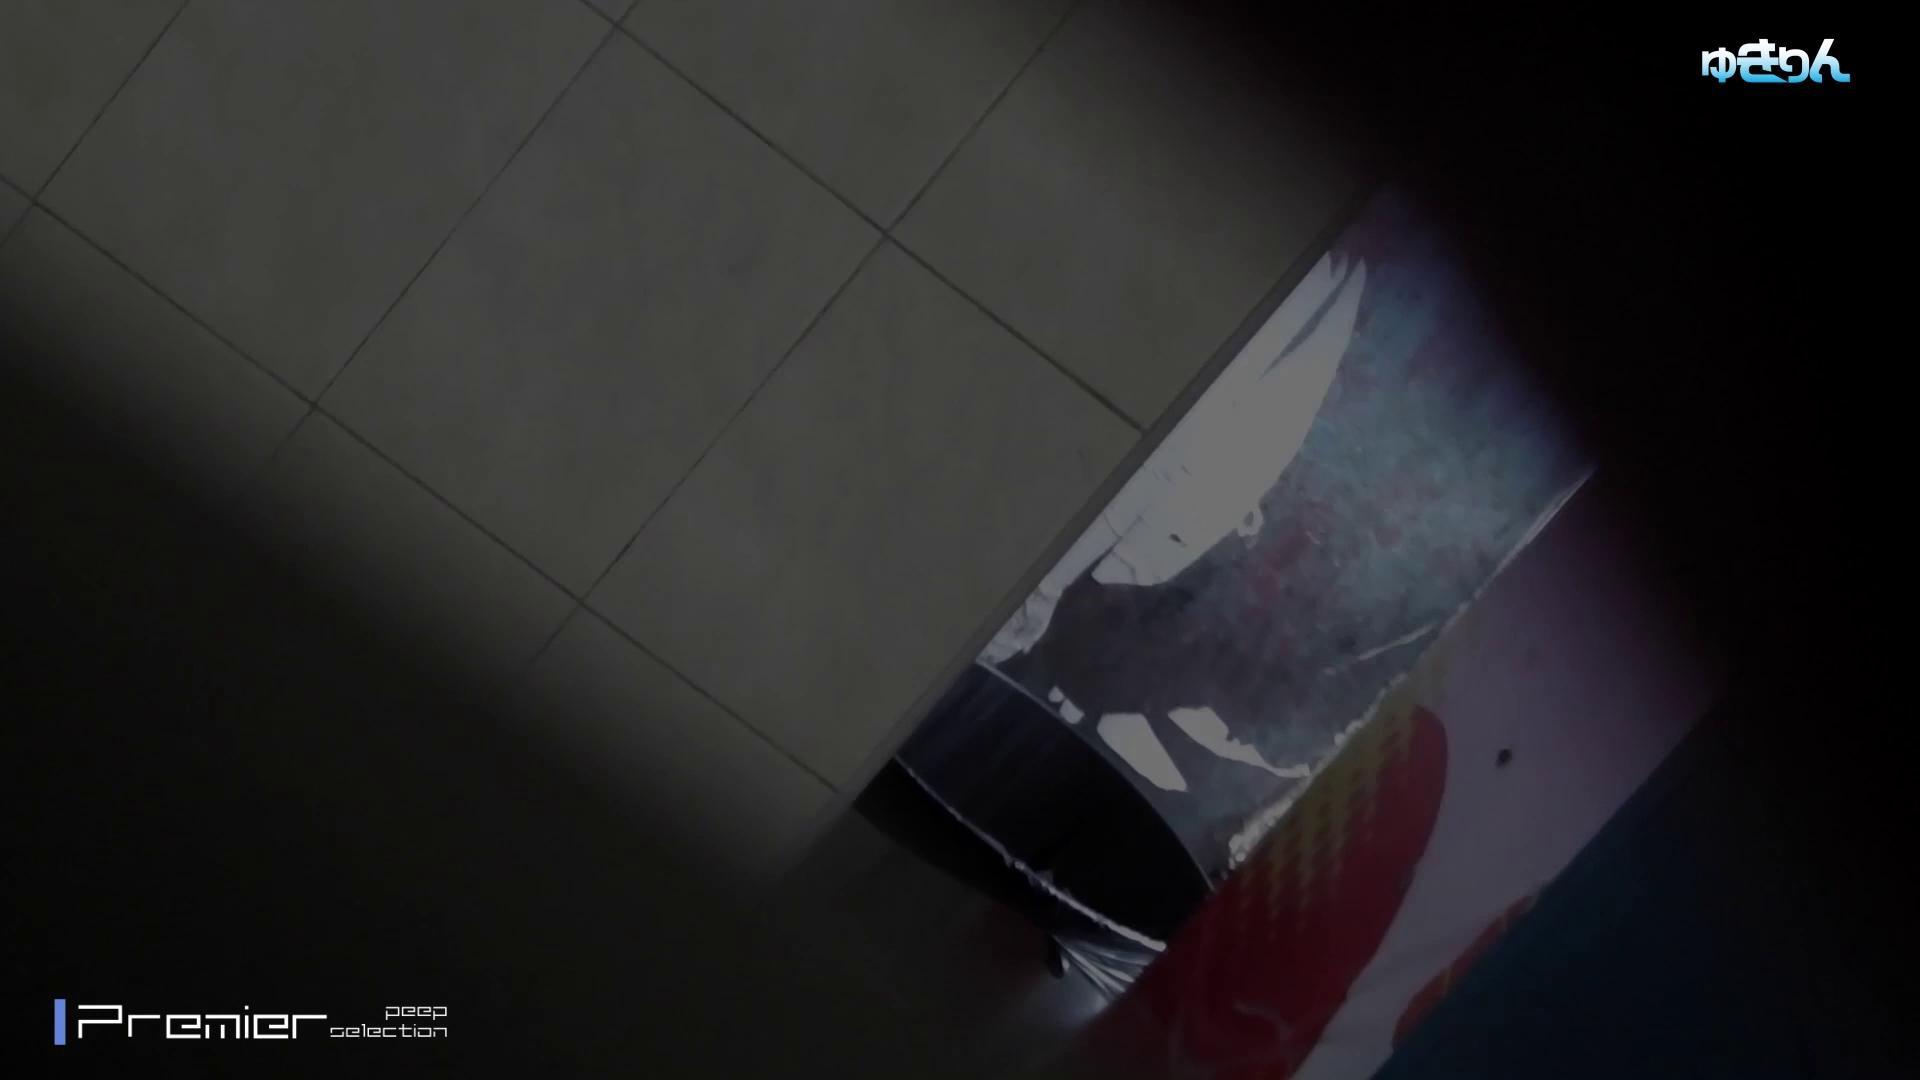 ステーション編 vol60 ユキリン粘着撮り!!今回はタイトなパンツが似合う美女 エッチなパンツ   美女  95枚 25